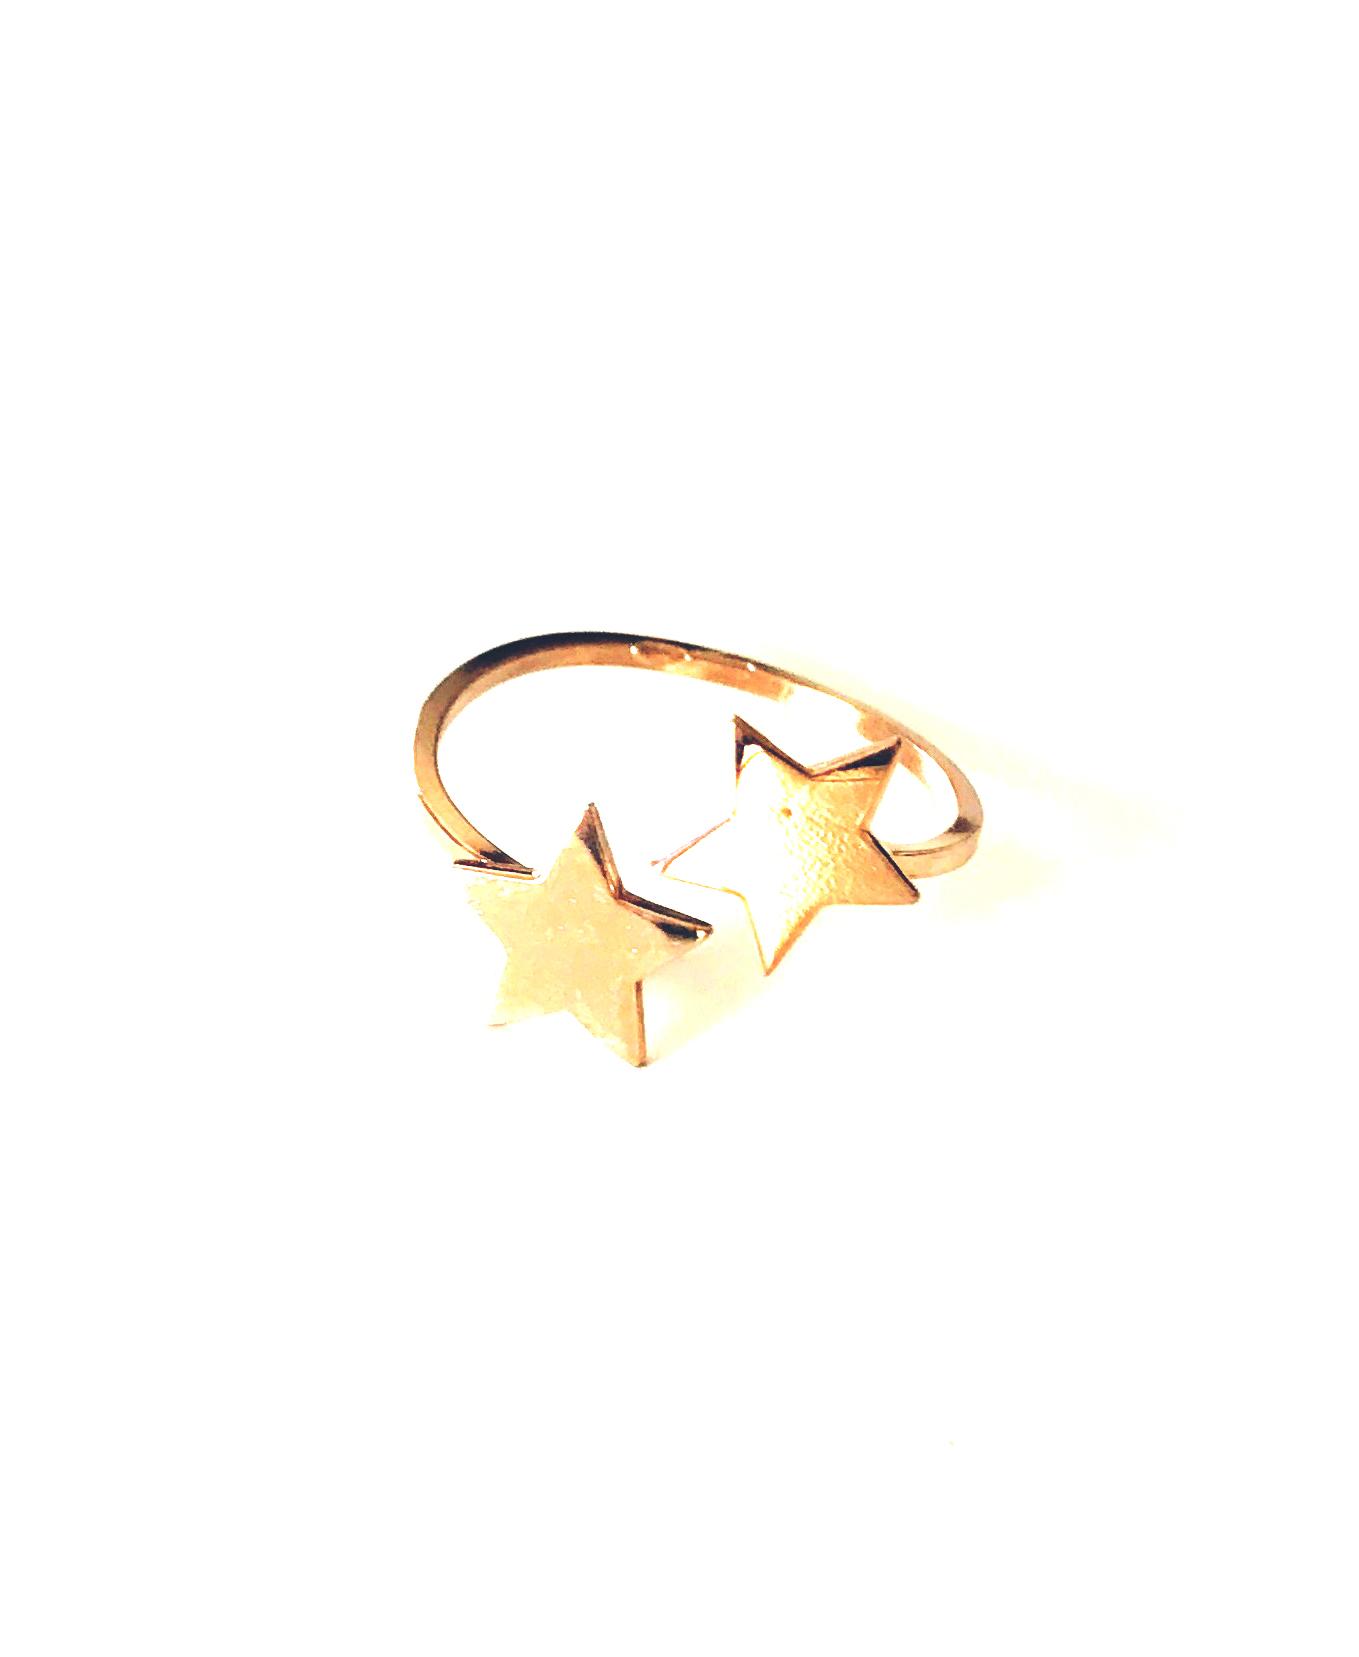 882c6abfa459cb Anello stelle - GAIA BIJOUX